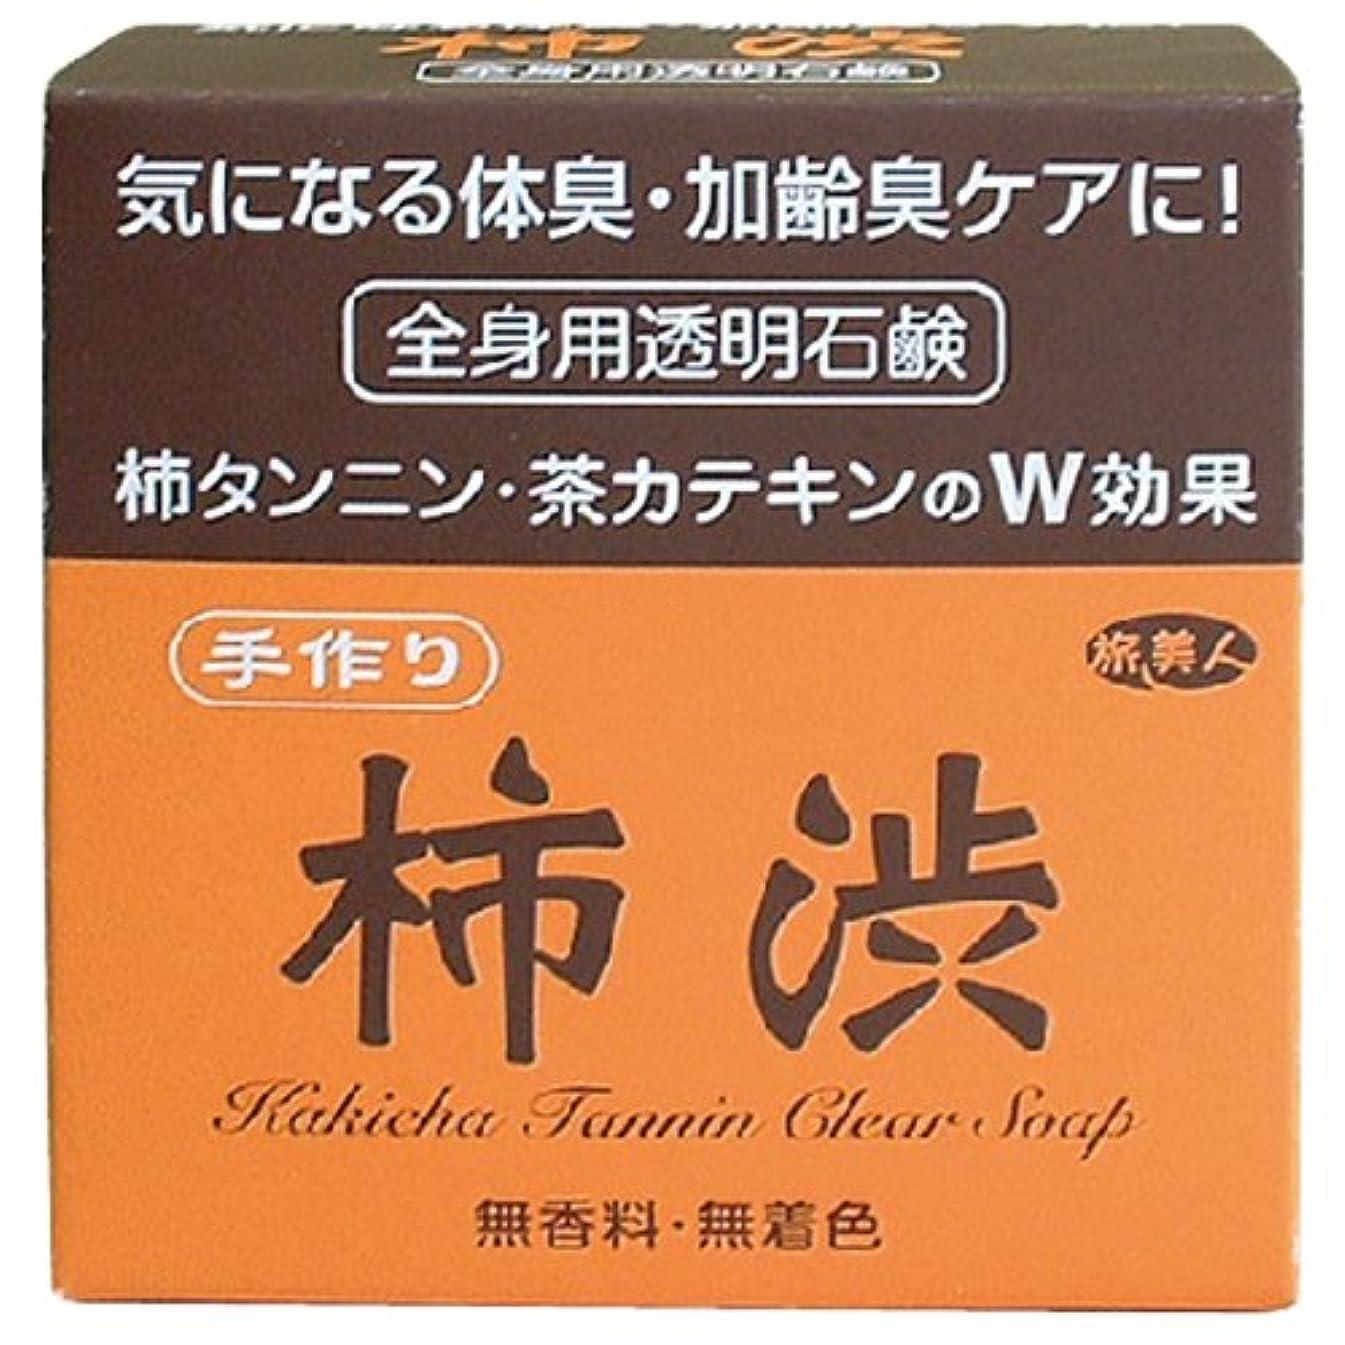 謎めいた仕出しますピン気になる体臭?加齢臭ケアに アズマ商事の手作り柿渋透明石鹸